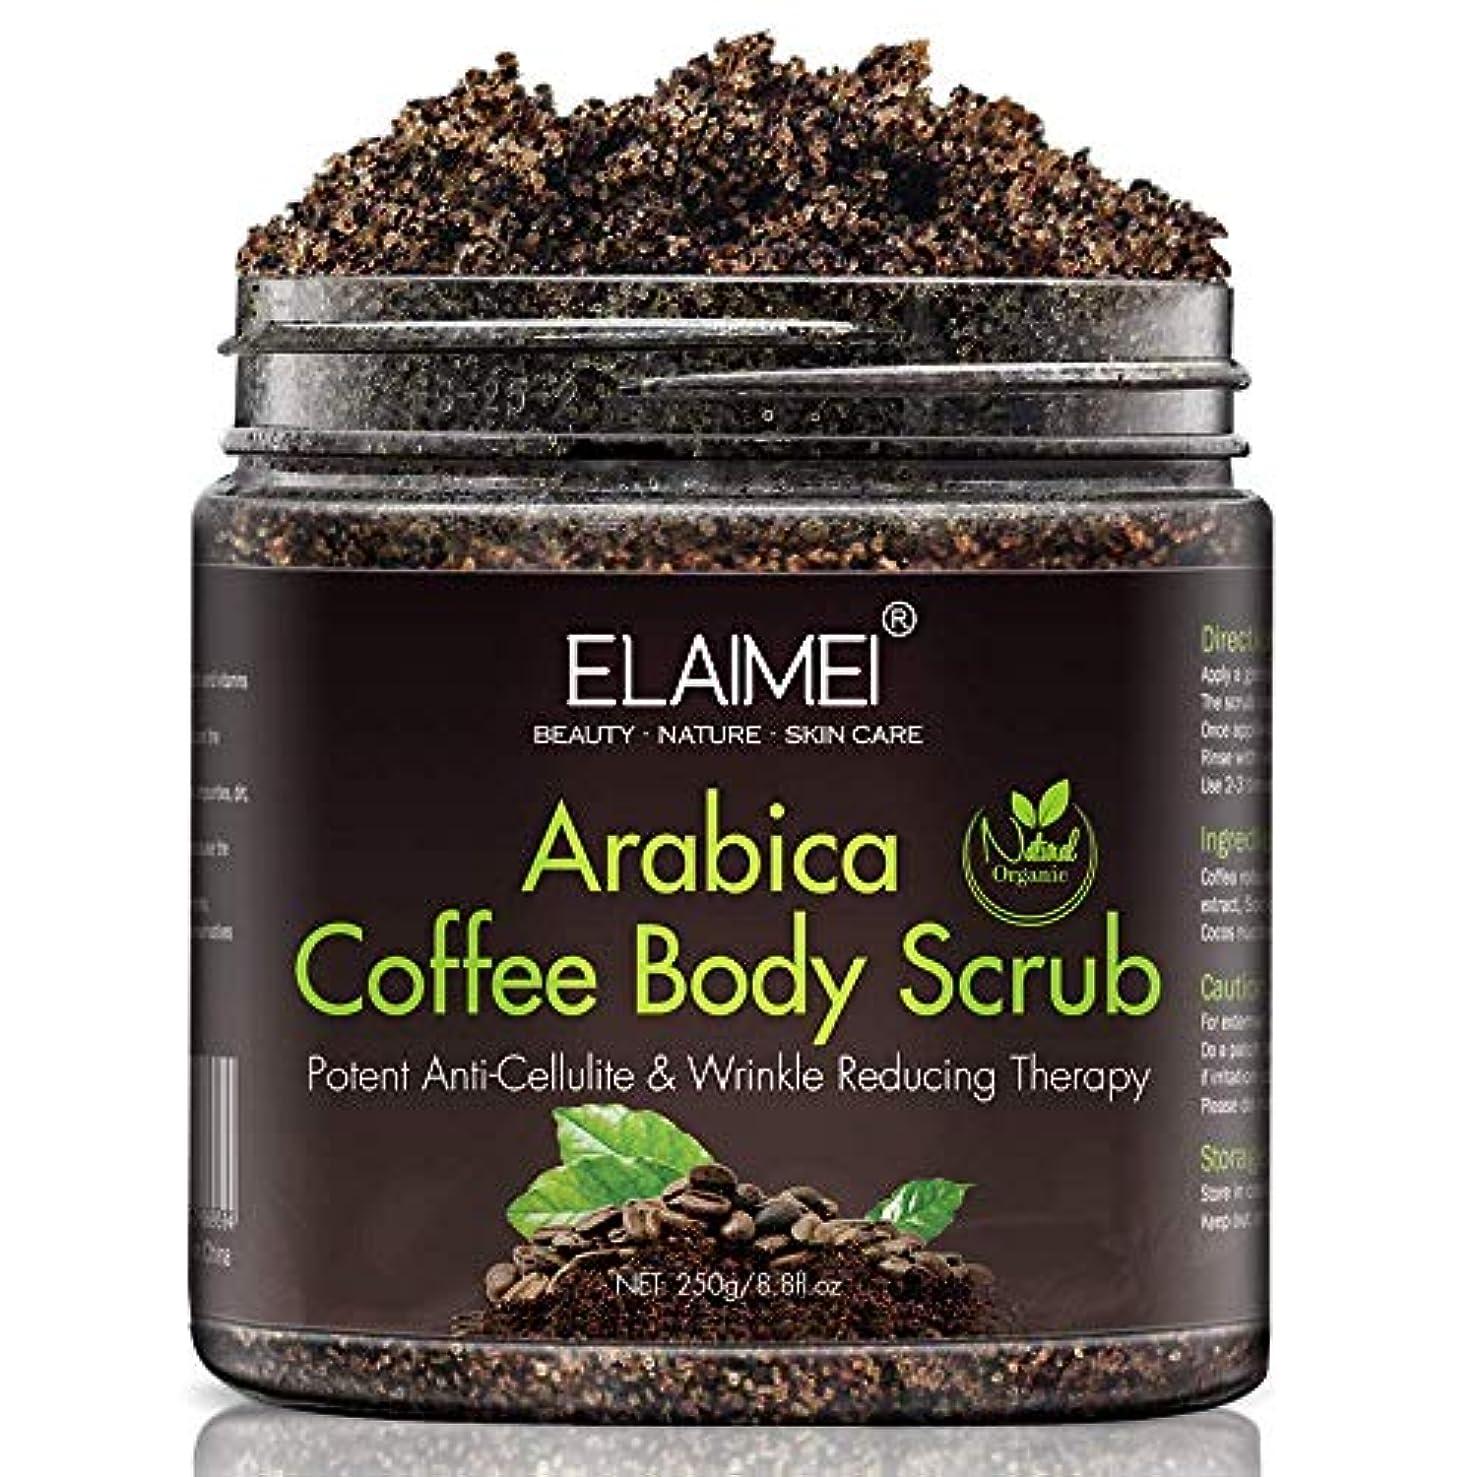 戸棚どう?艶アラビカコーヒースクラブボディ、100%ナチュラルオーガニックコーヒー、ココナッツ、シアバター、ソルトスクラブで角質を取り除き、肌に潤いを - 8.8 oz